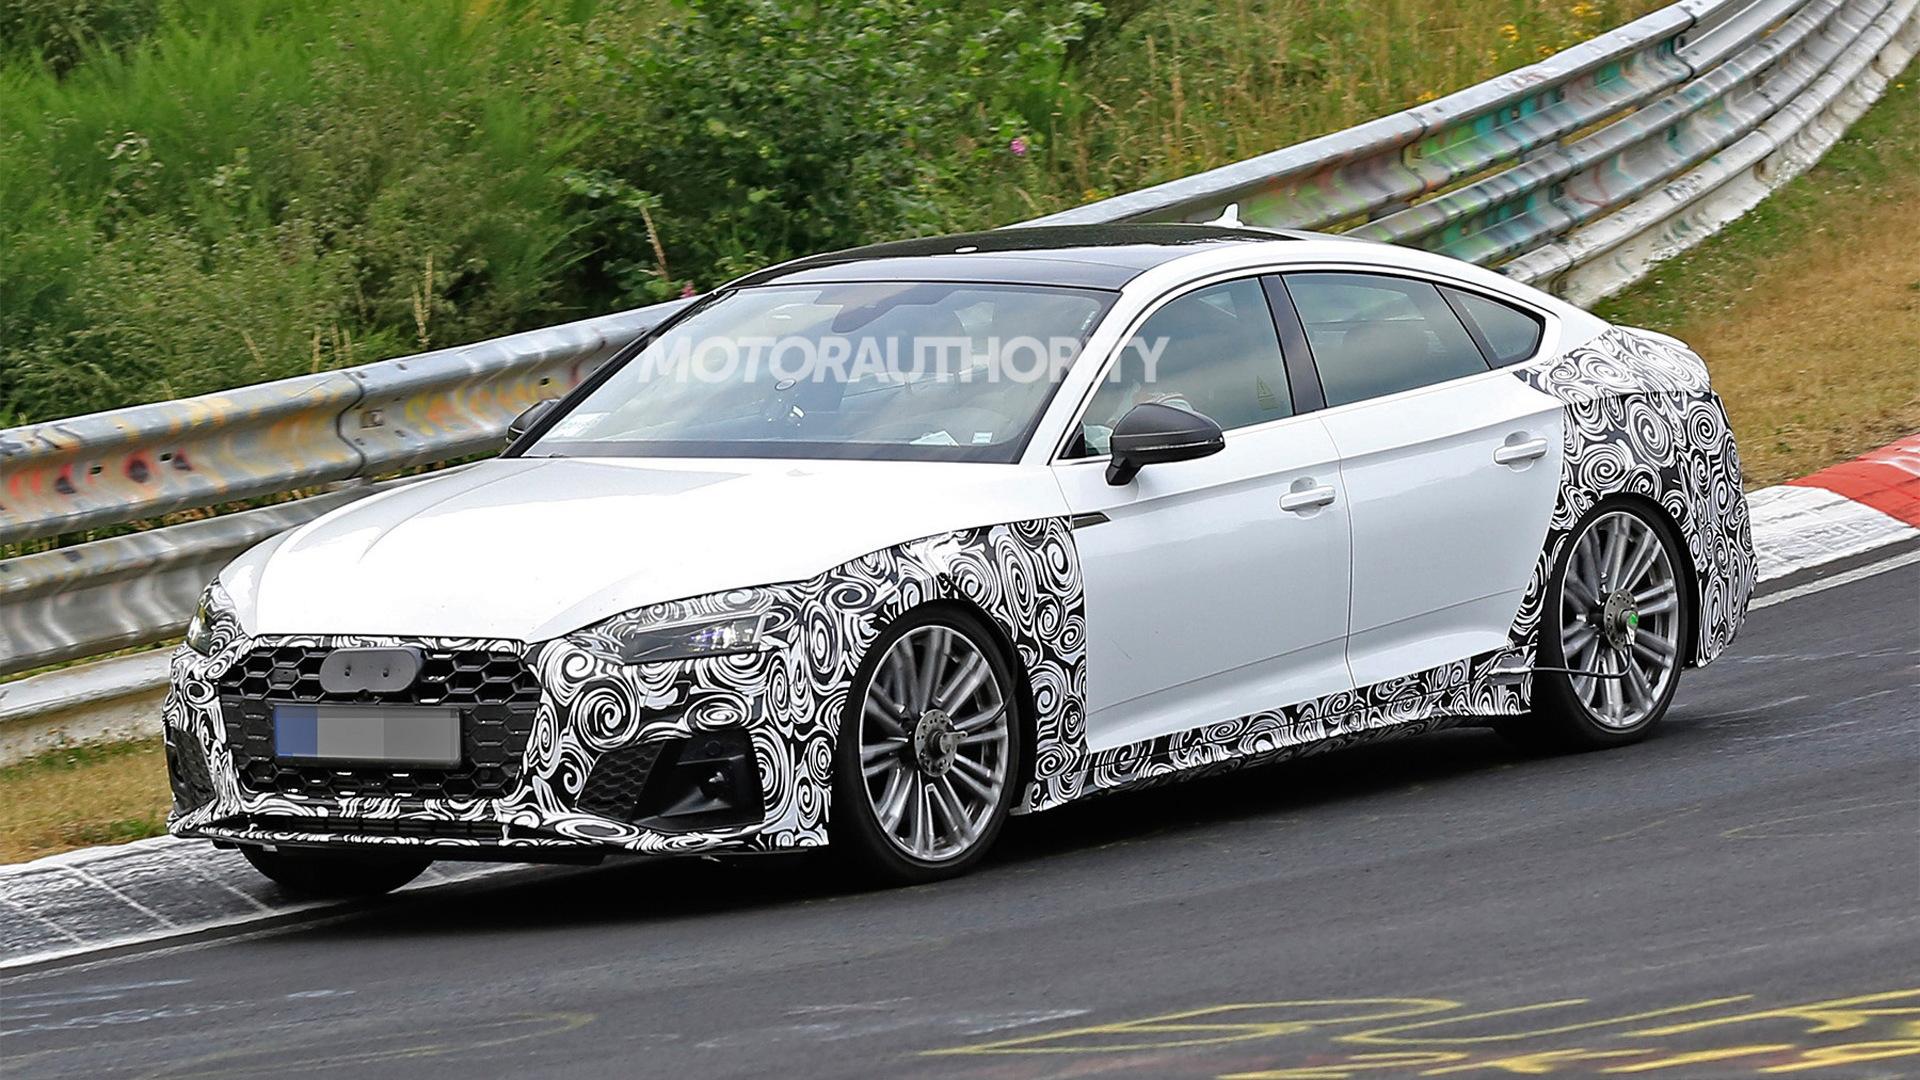 2021 Audi S5 Sportback Spy Shots